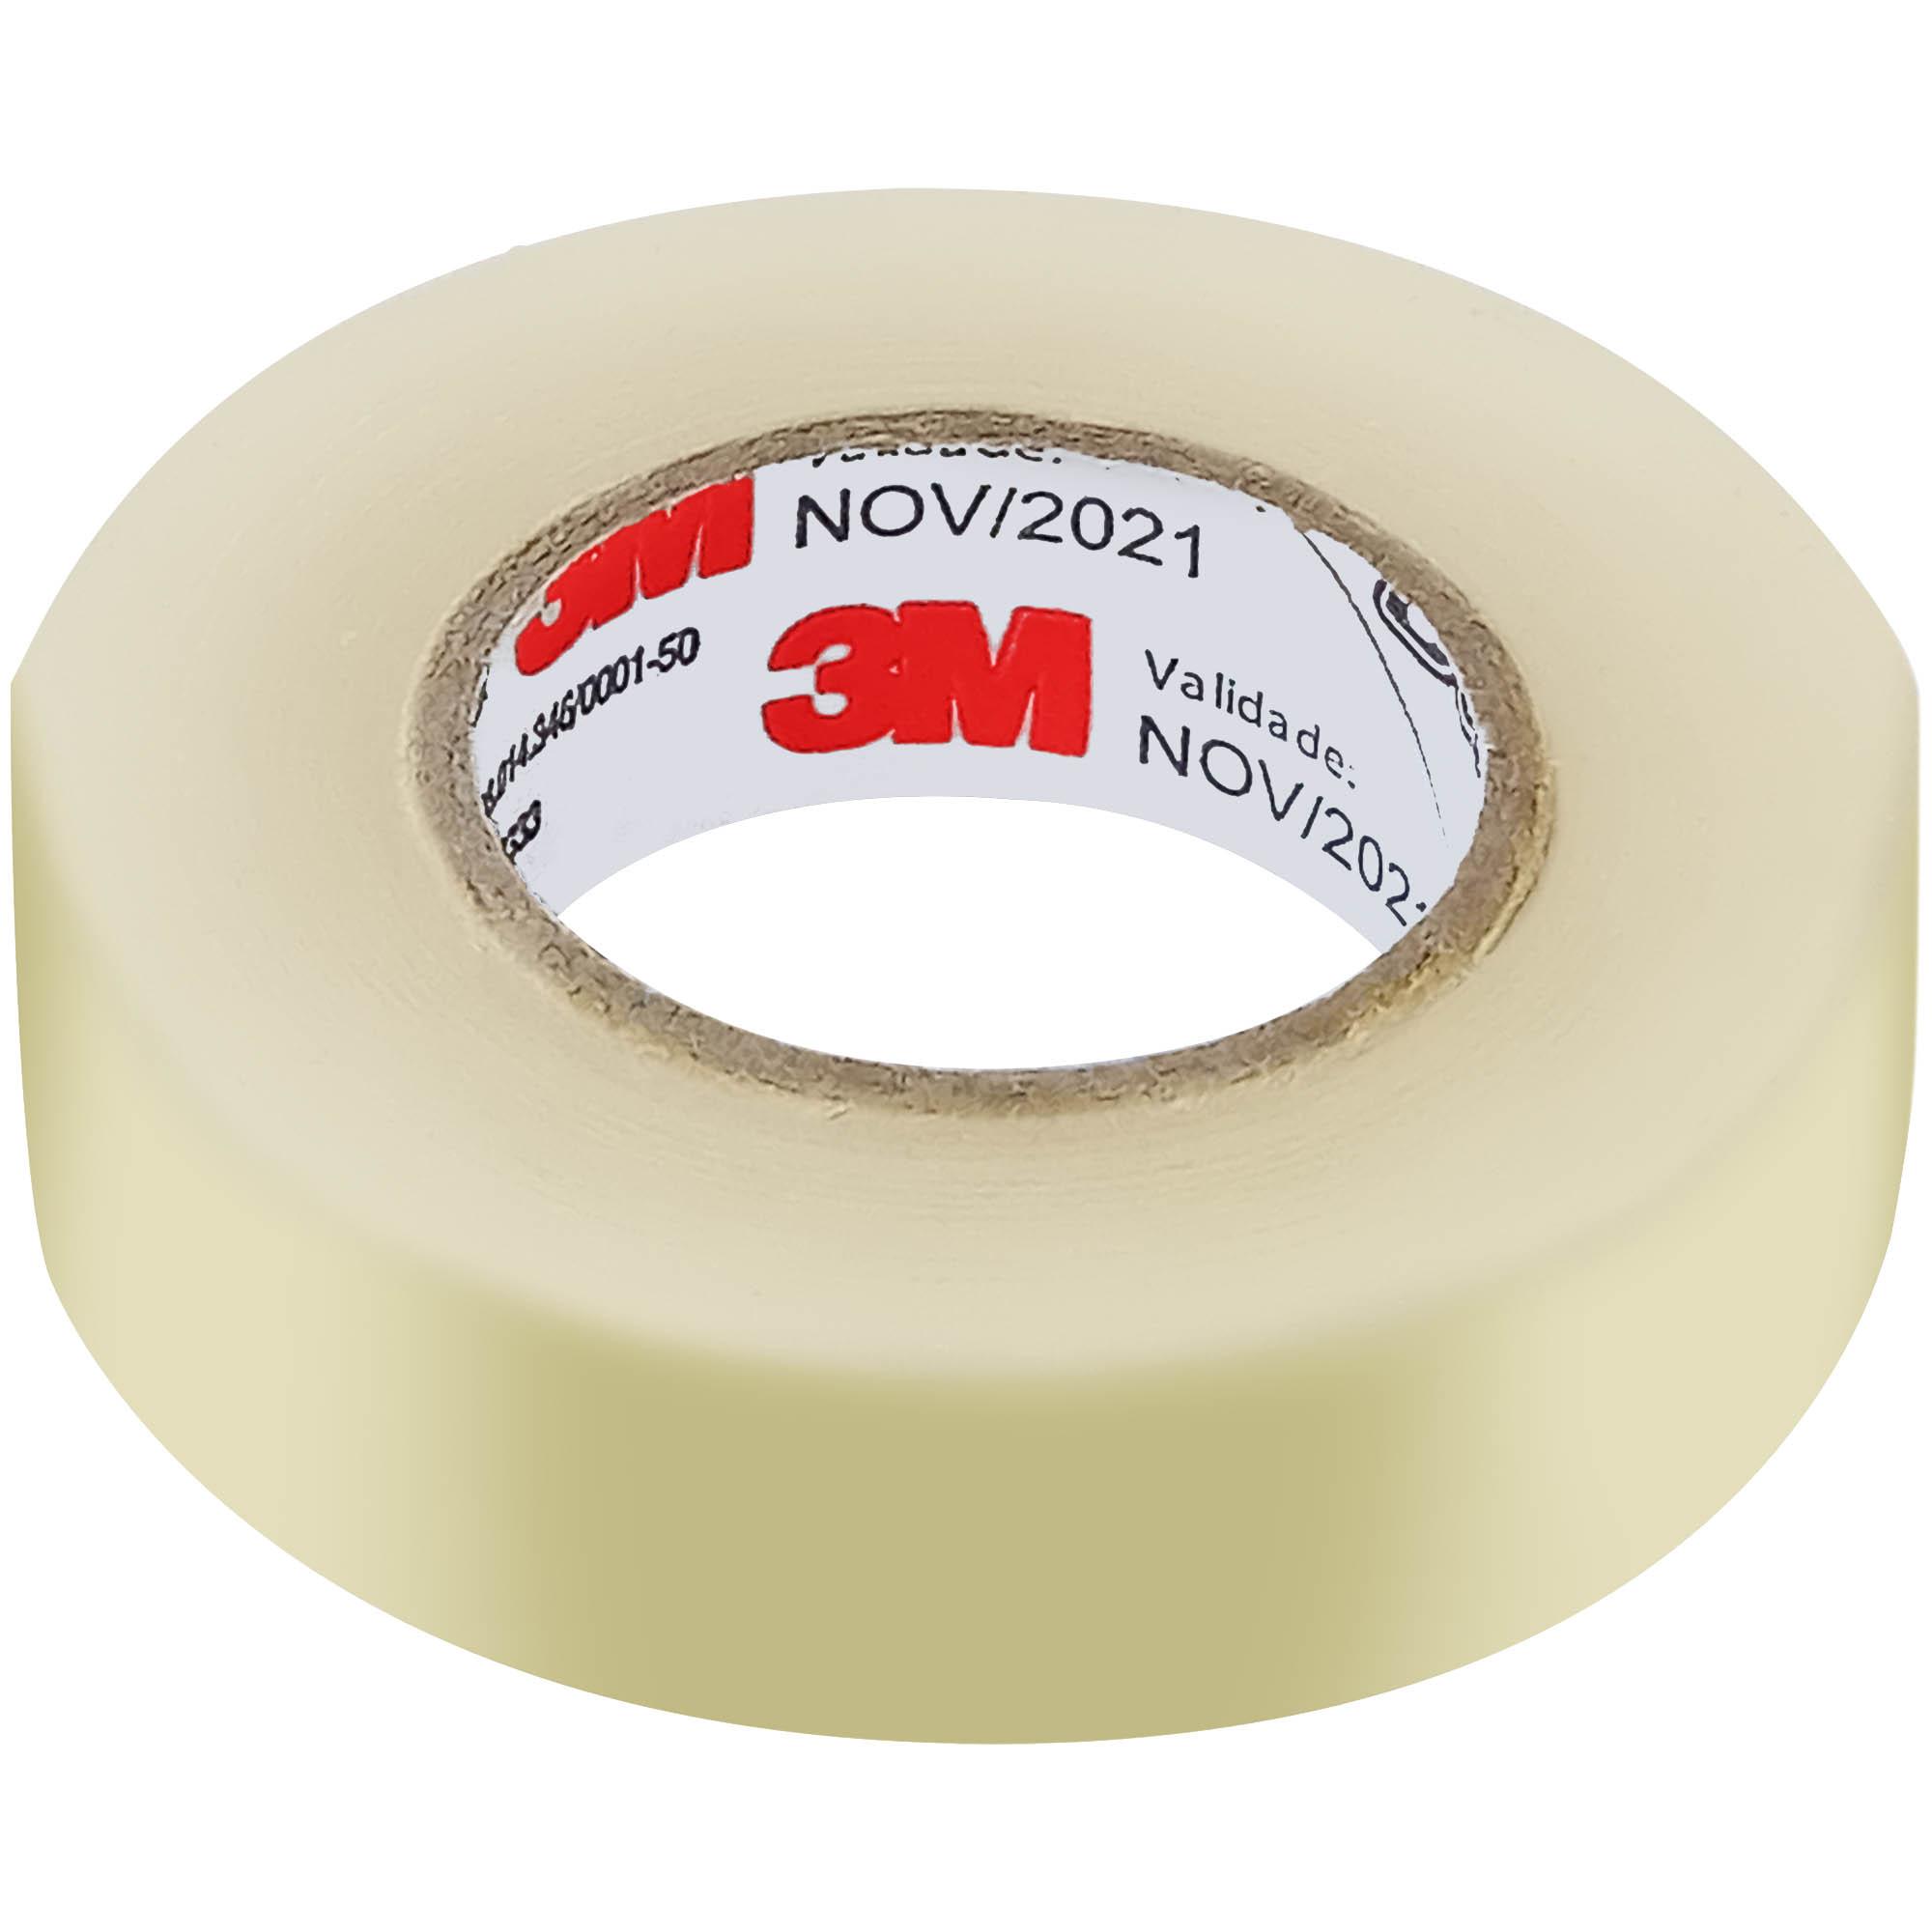 Fita Adesiva Transparente DUREX 12MMX30M FLOW PCK HB004173884 - 3M